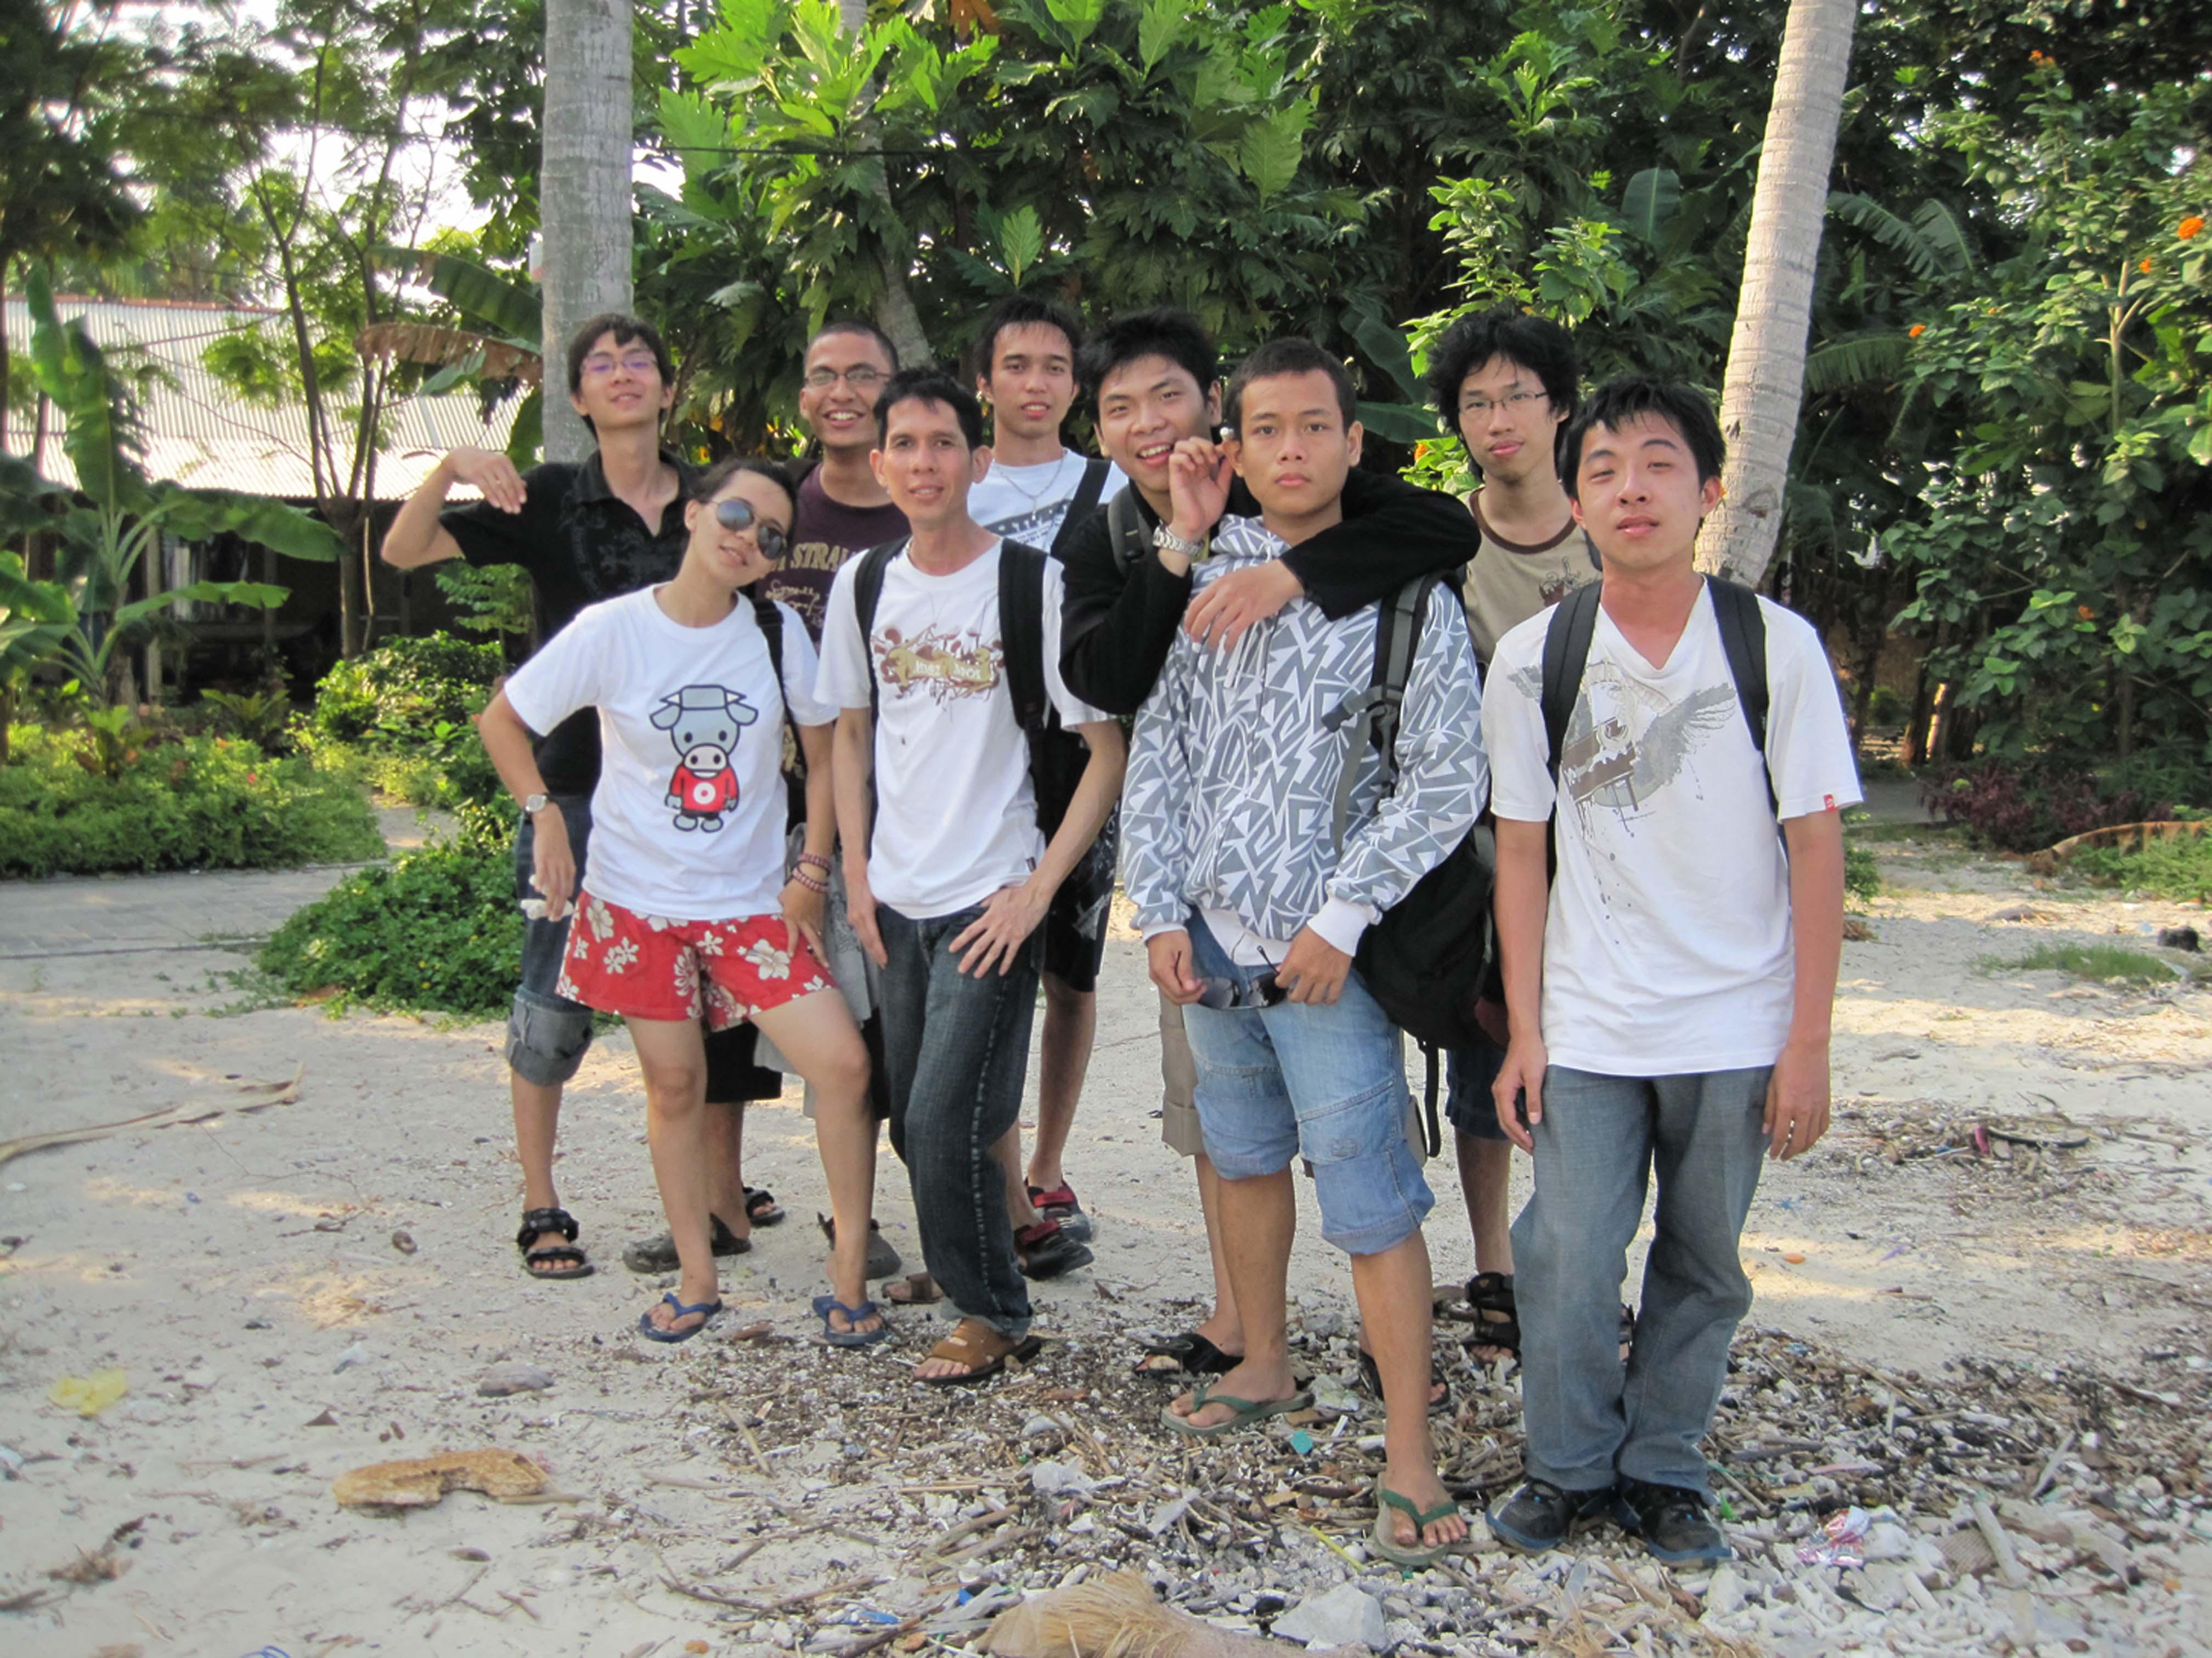 Di Pulau Peramuka.   Dari Ki-Ka (Randie, Irene, David, Ivan Leo, Chris, August, Putra, Stevanus, Ivan).